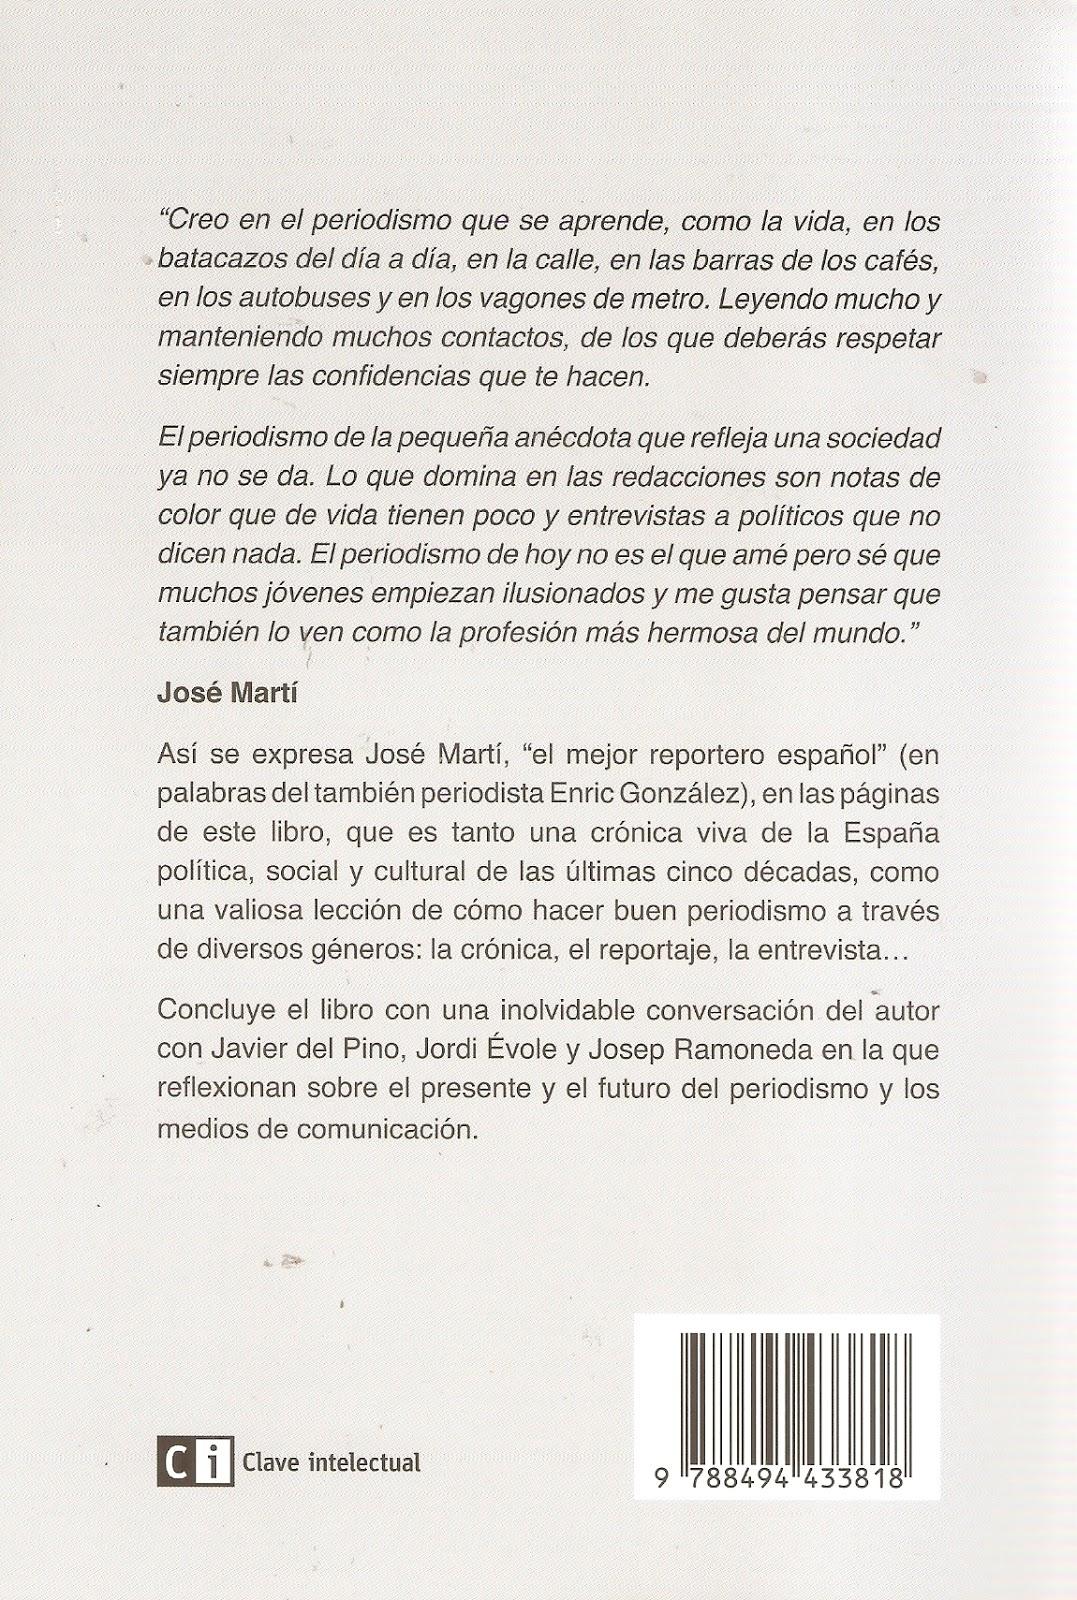 Andamios (y la vida sigue): Recuerdos y reflexiones de un periodista